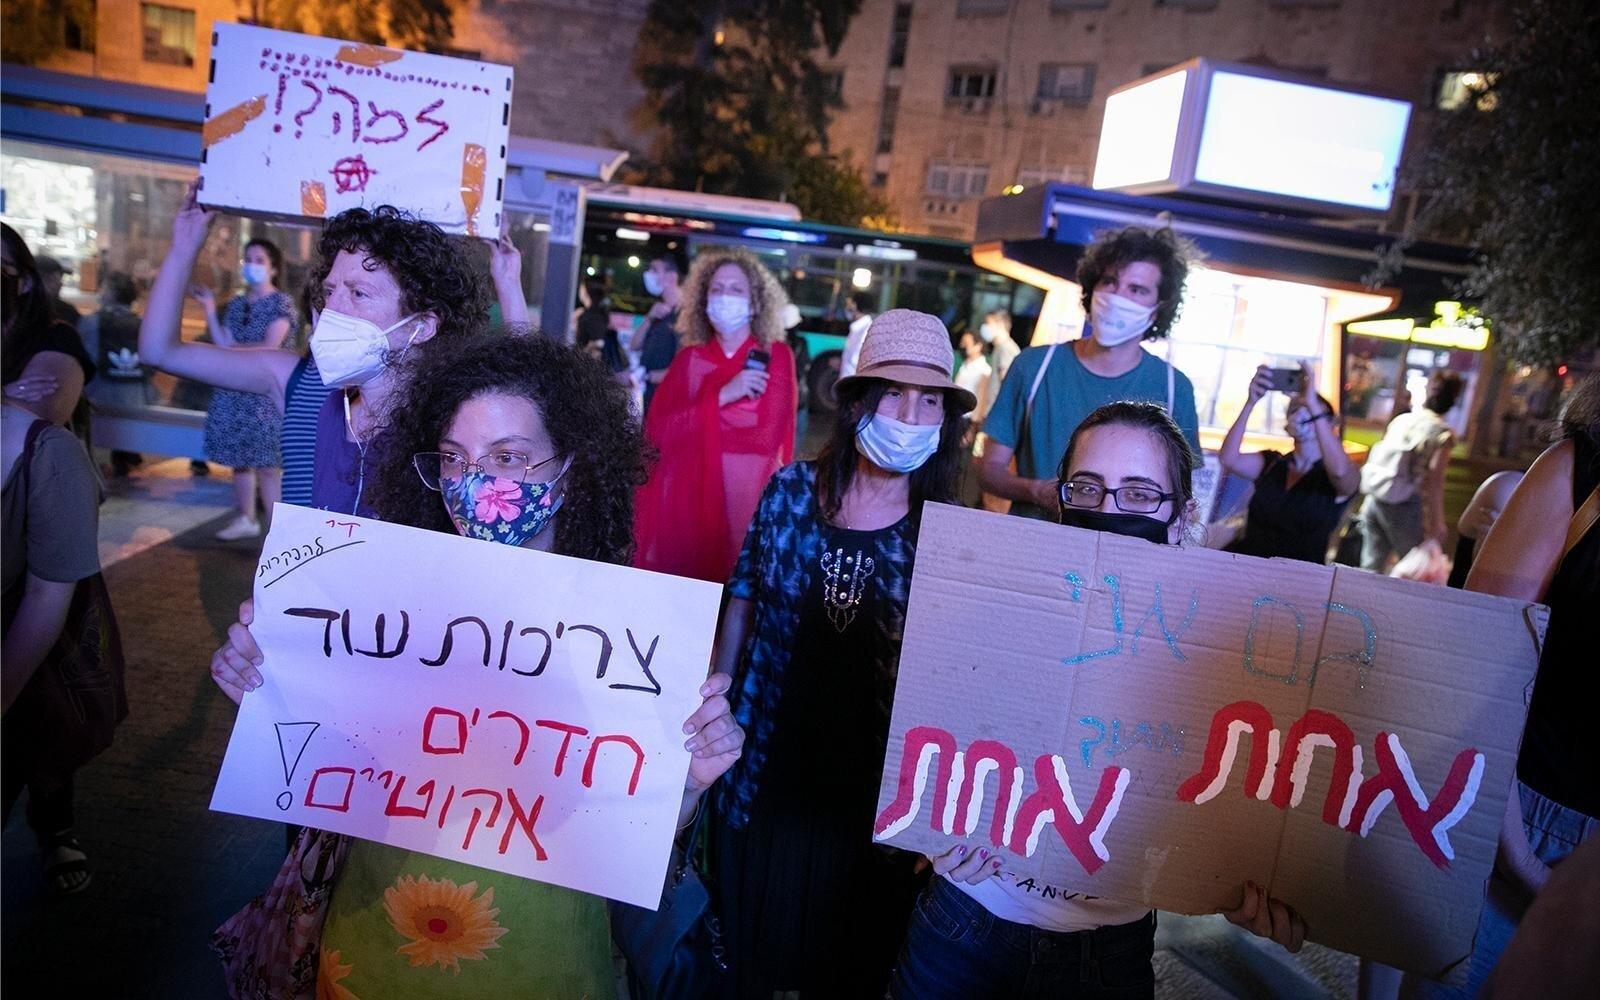 В Израиле 16-летняя девушка обвинила 30 мужчин в изнасиловании